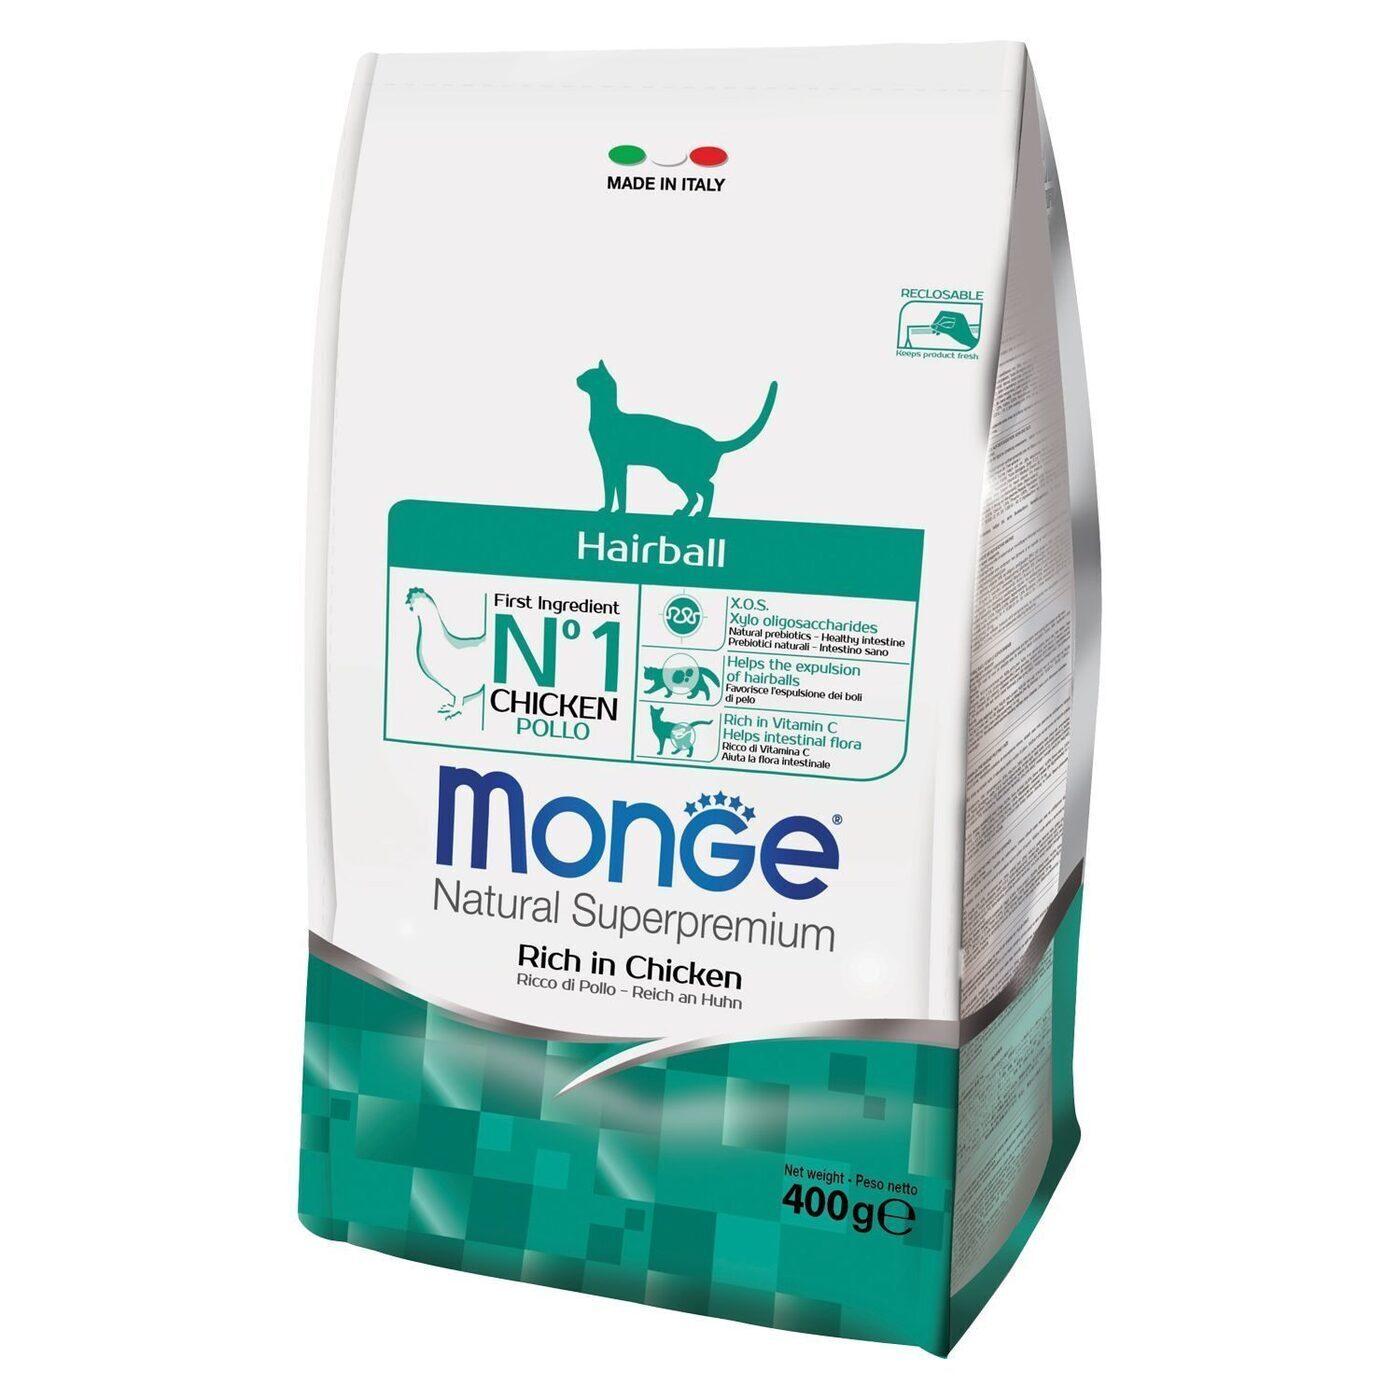 Monge Cat Hairball корм для кошек всех пород и возрастов, для выведения шерсти 400 гр, 300100816